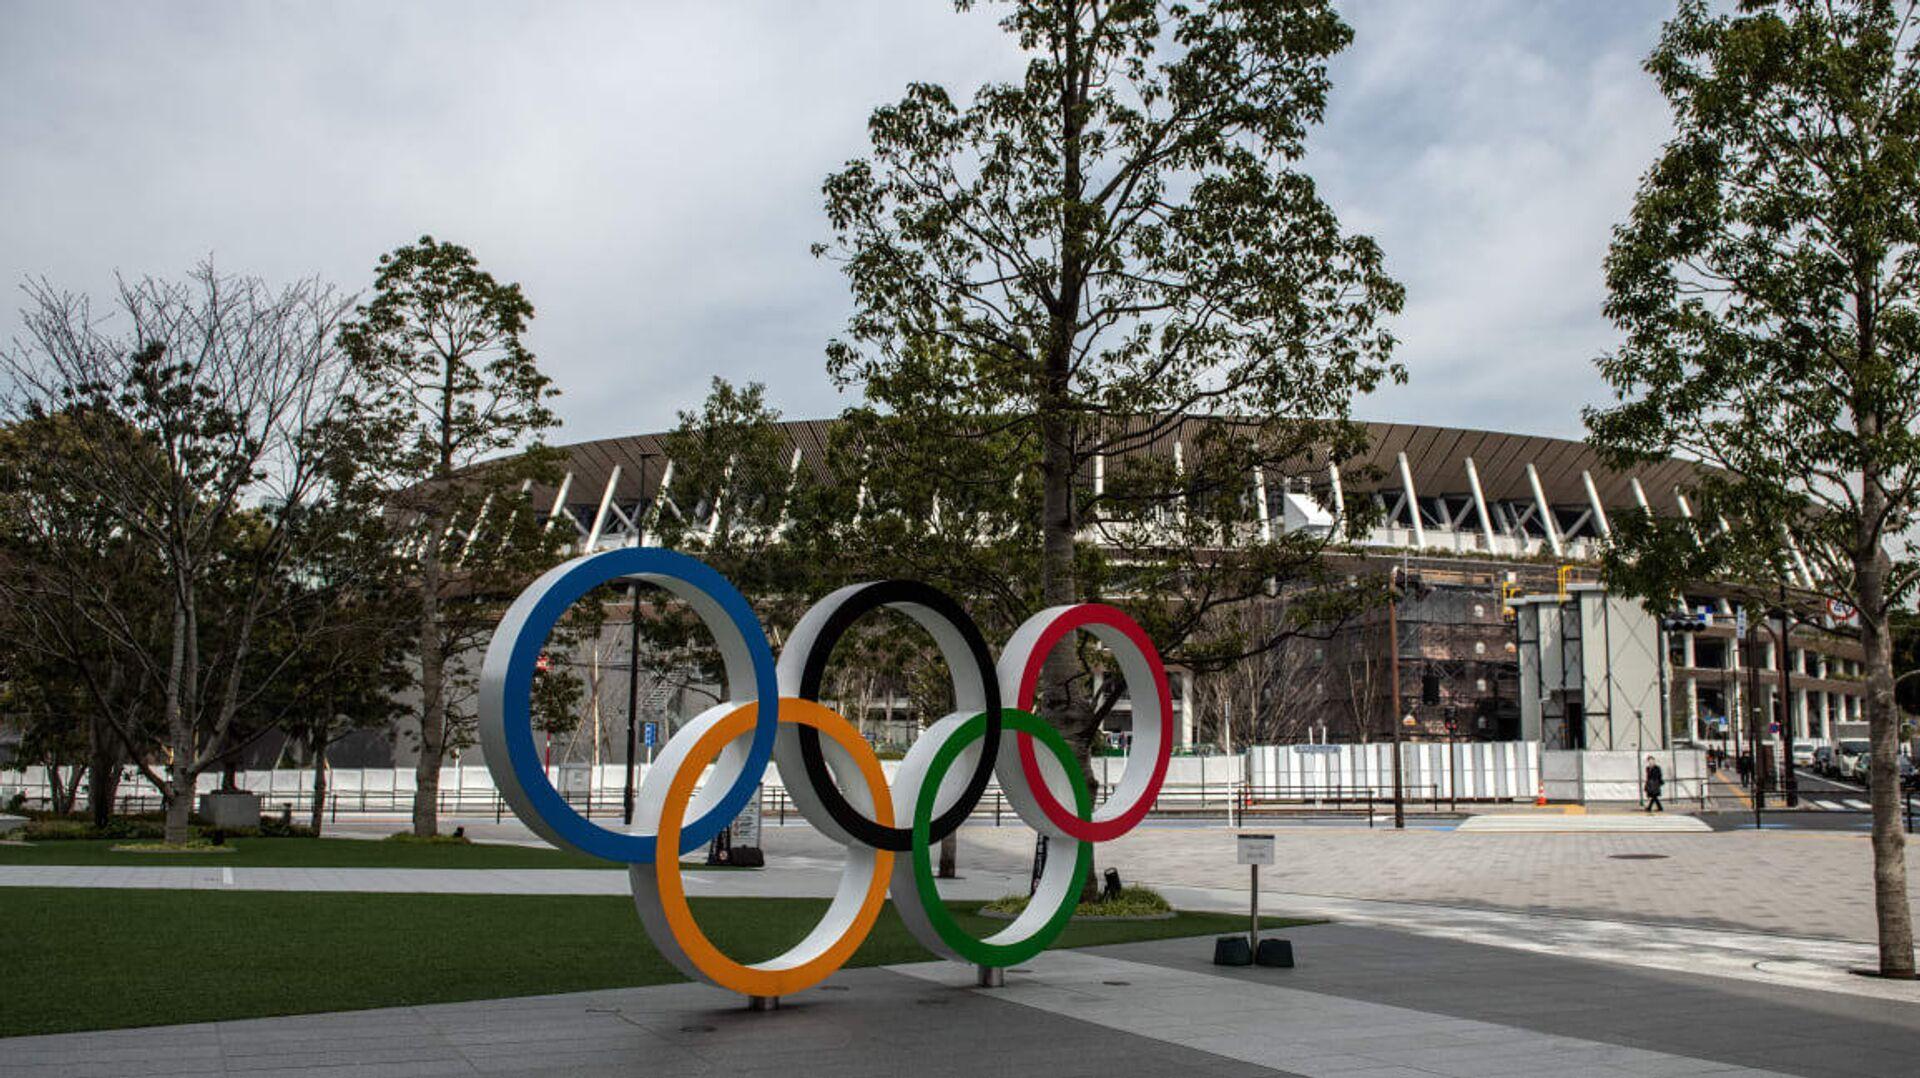 Олимпийские кольца у арены в Токио - РИА Новости, 1920, 13.11.2020